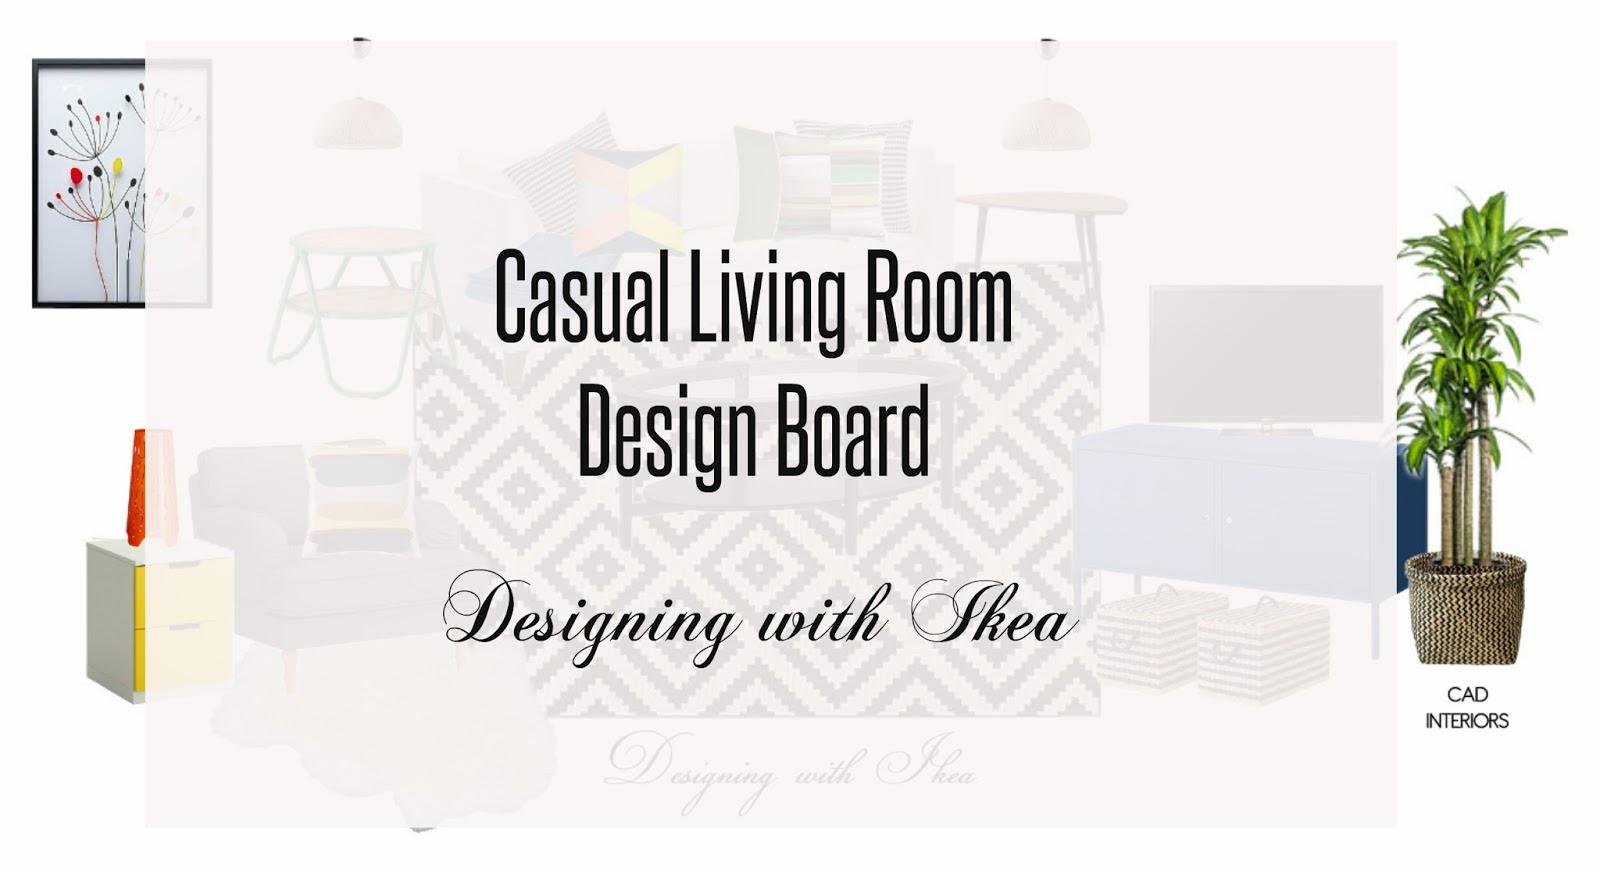 ikea furniture and accessories home decor interior design e-design interior decorating